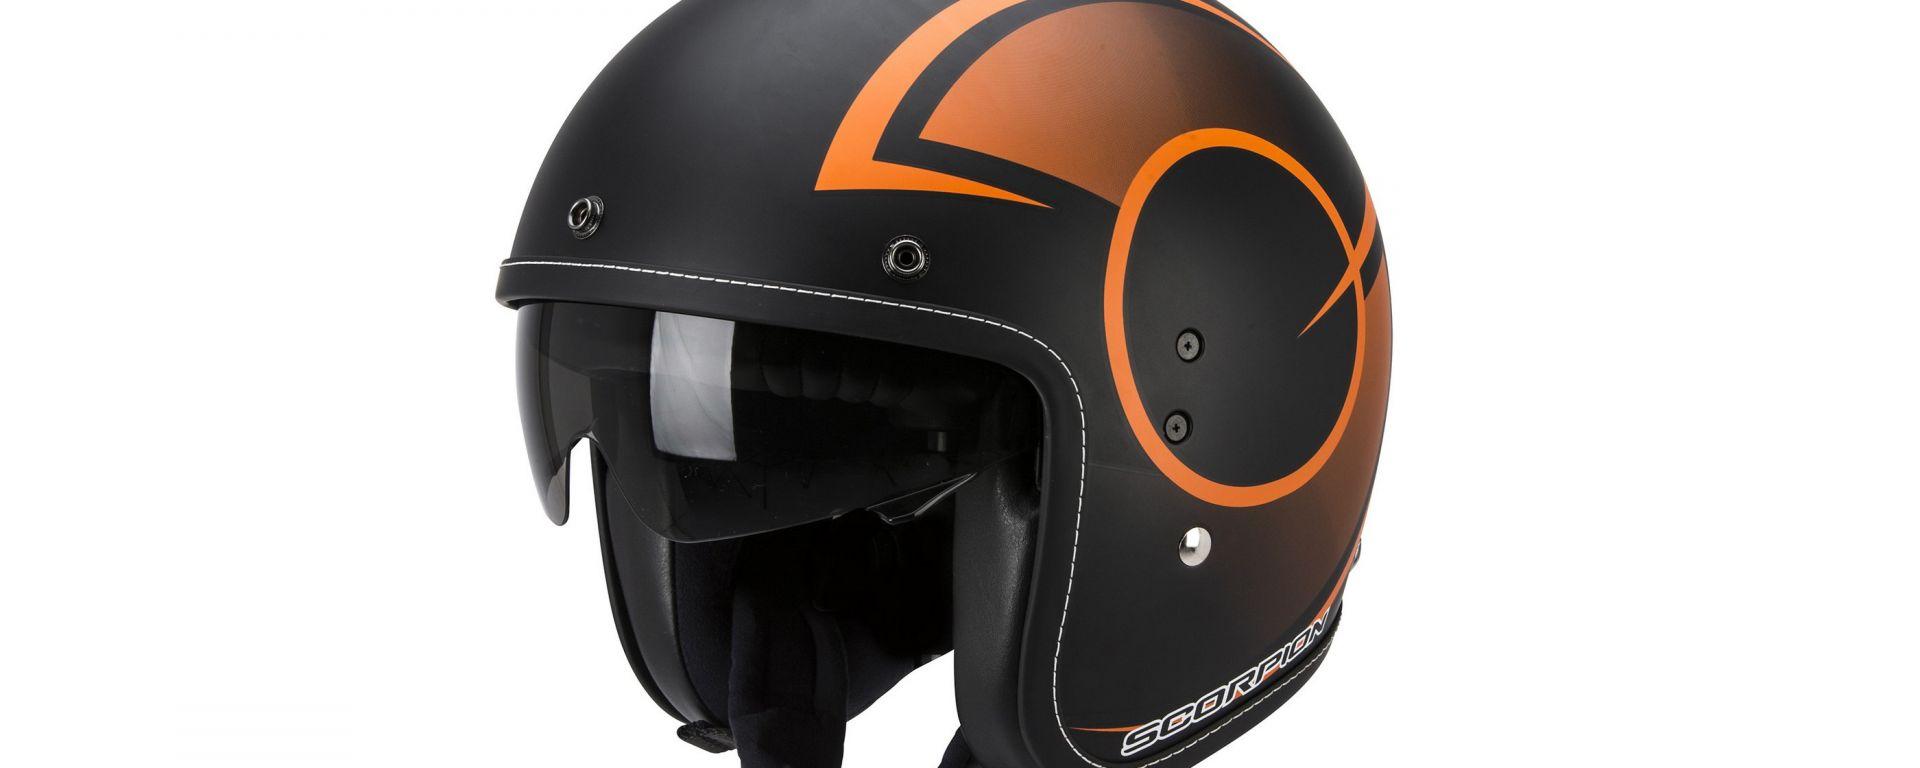 Scorpion Belfast jet colorazione black/orange